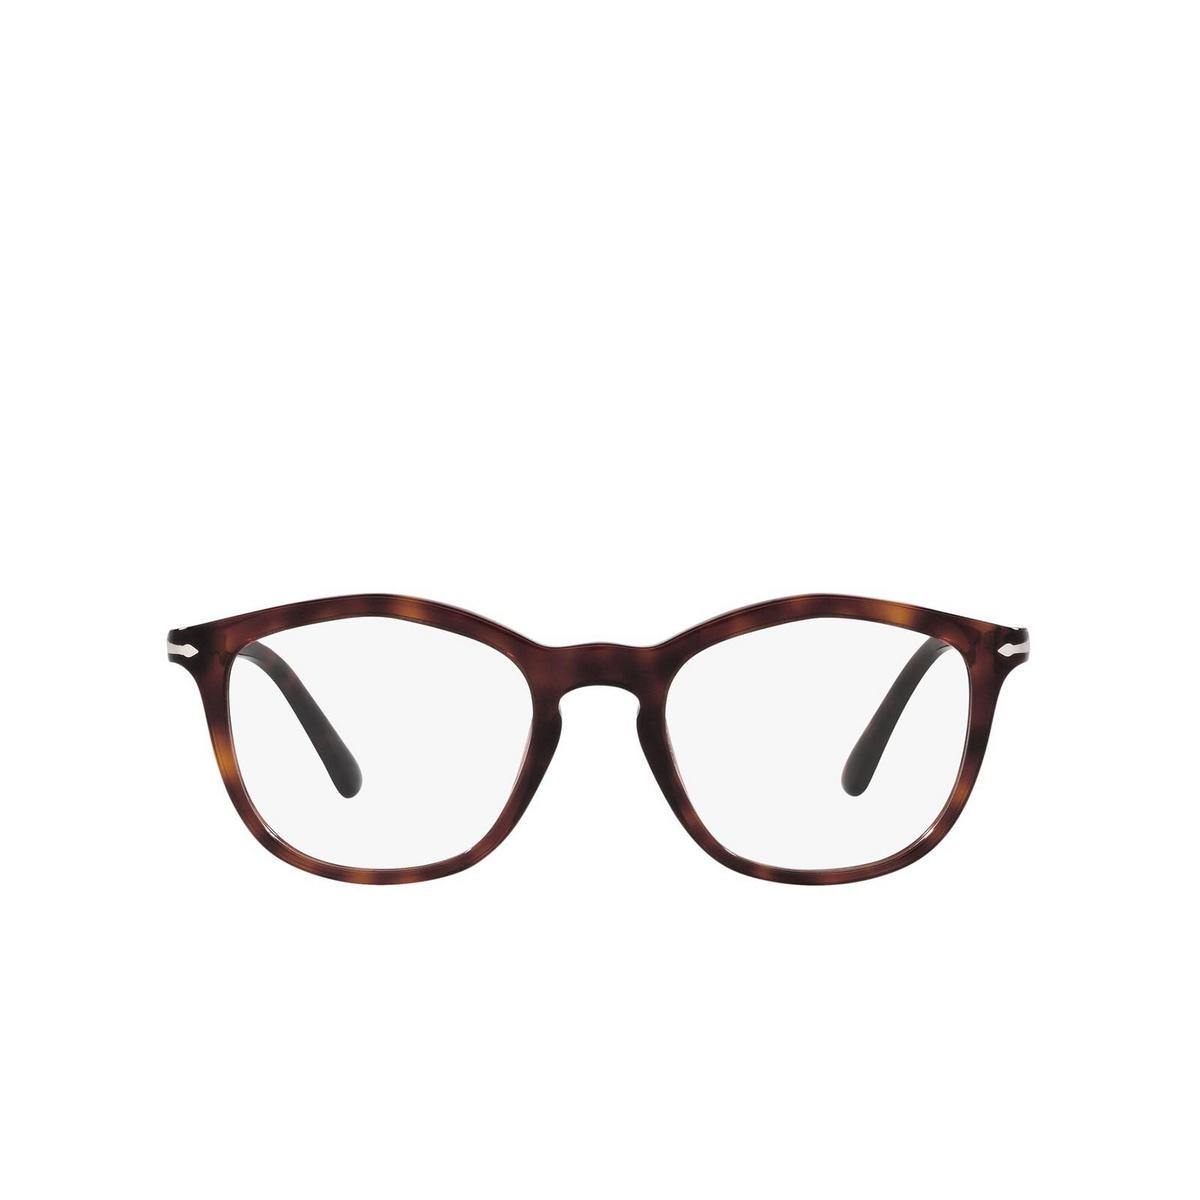 Persol® Irregular Eyeglasses: PO3267V color Havana 24 - front view.